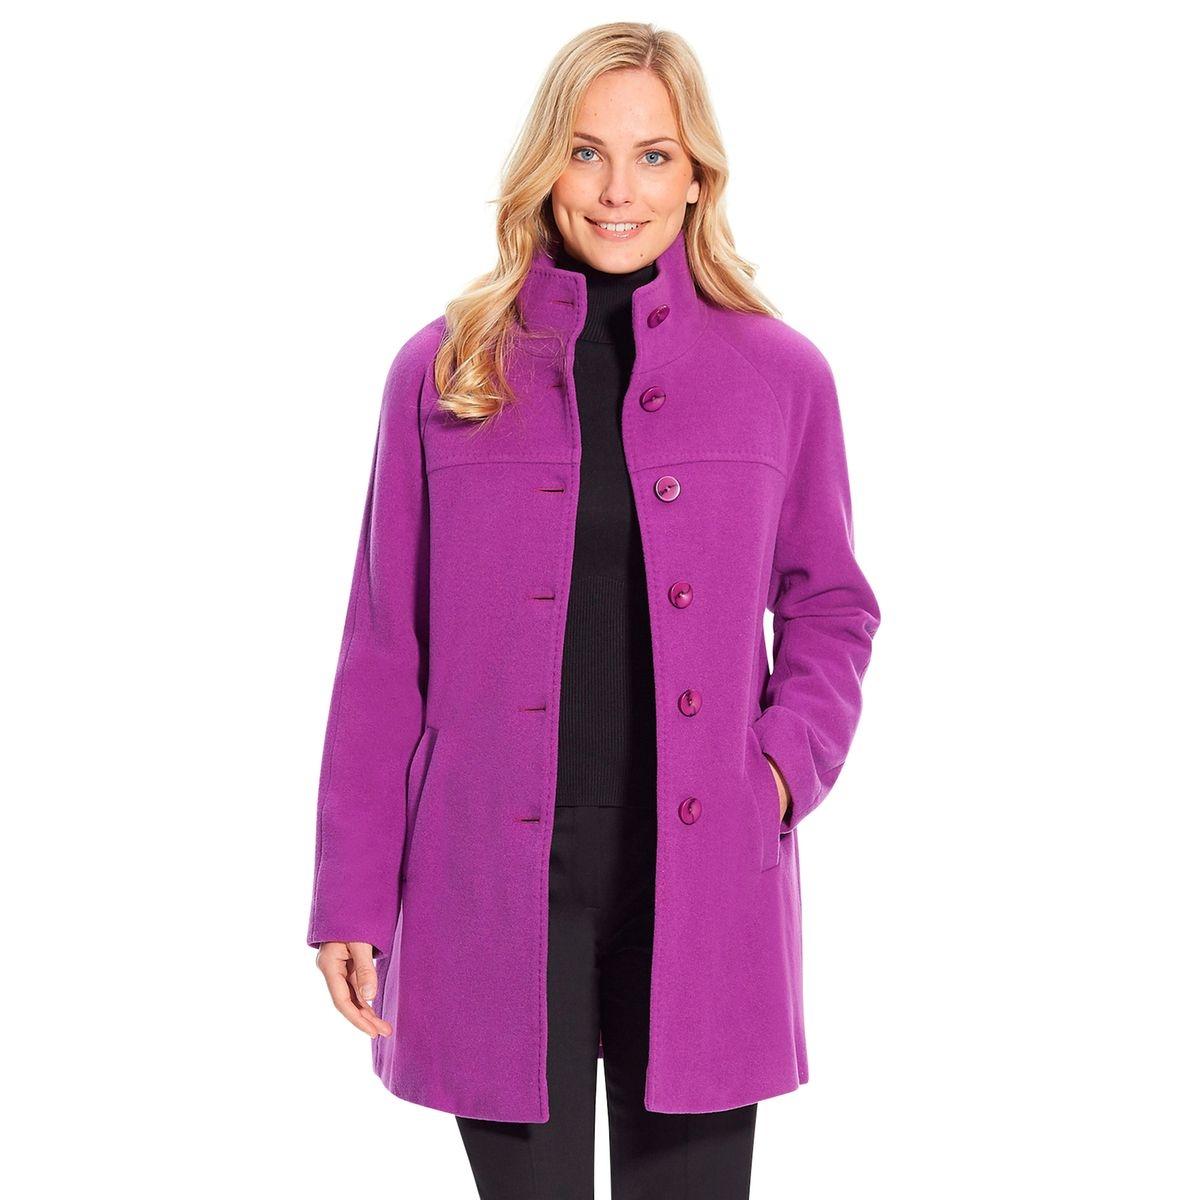 Manteau femme, stature plus de 1,60m